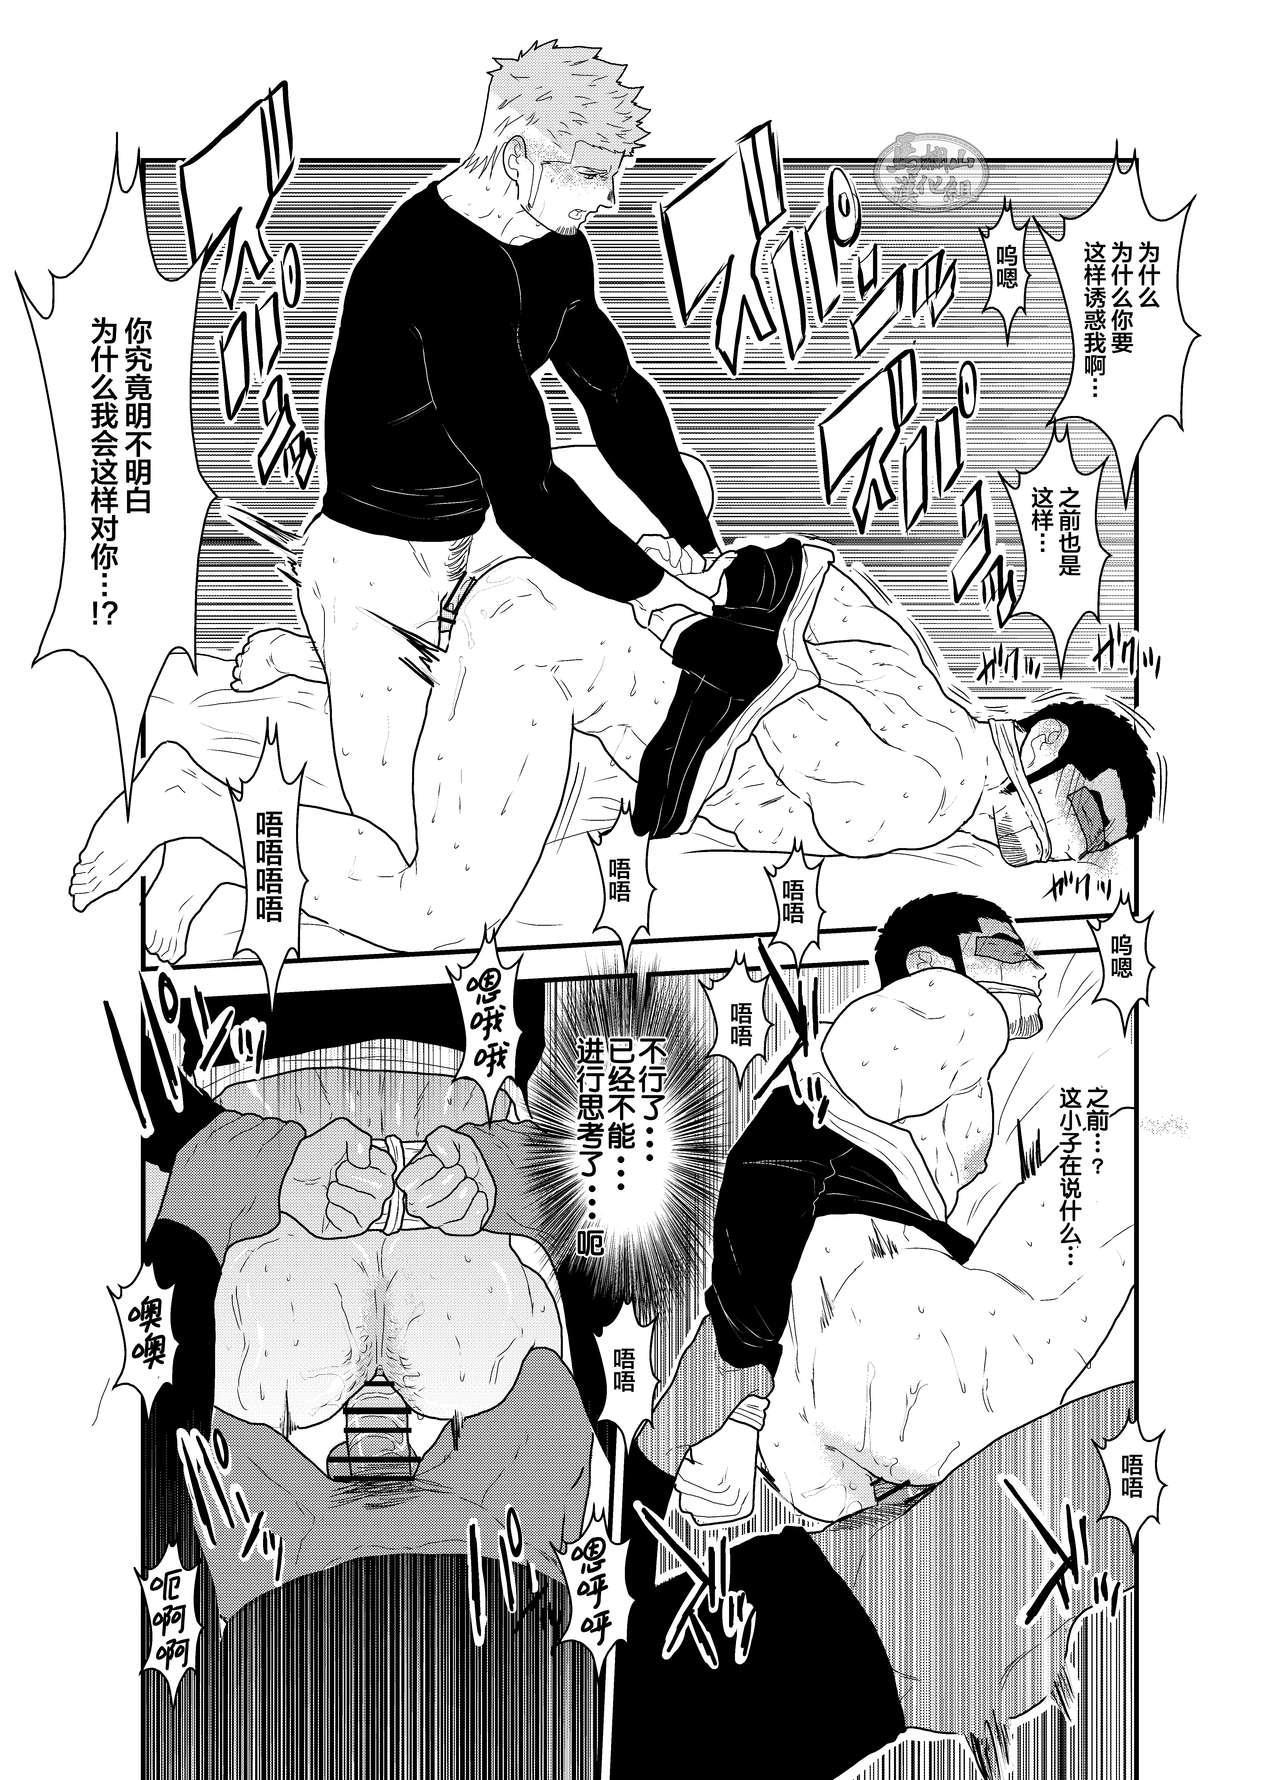 Moshimo Yakuza ni Koigokoro ga Mebae Hajimetara 25